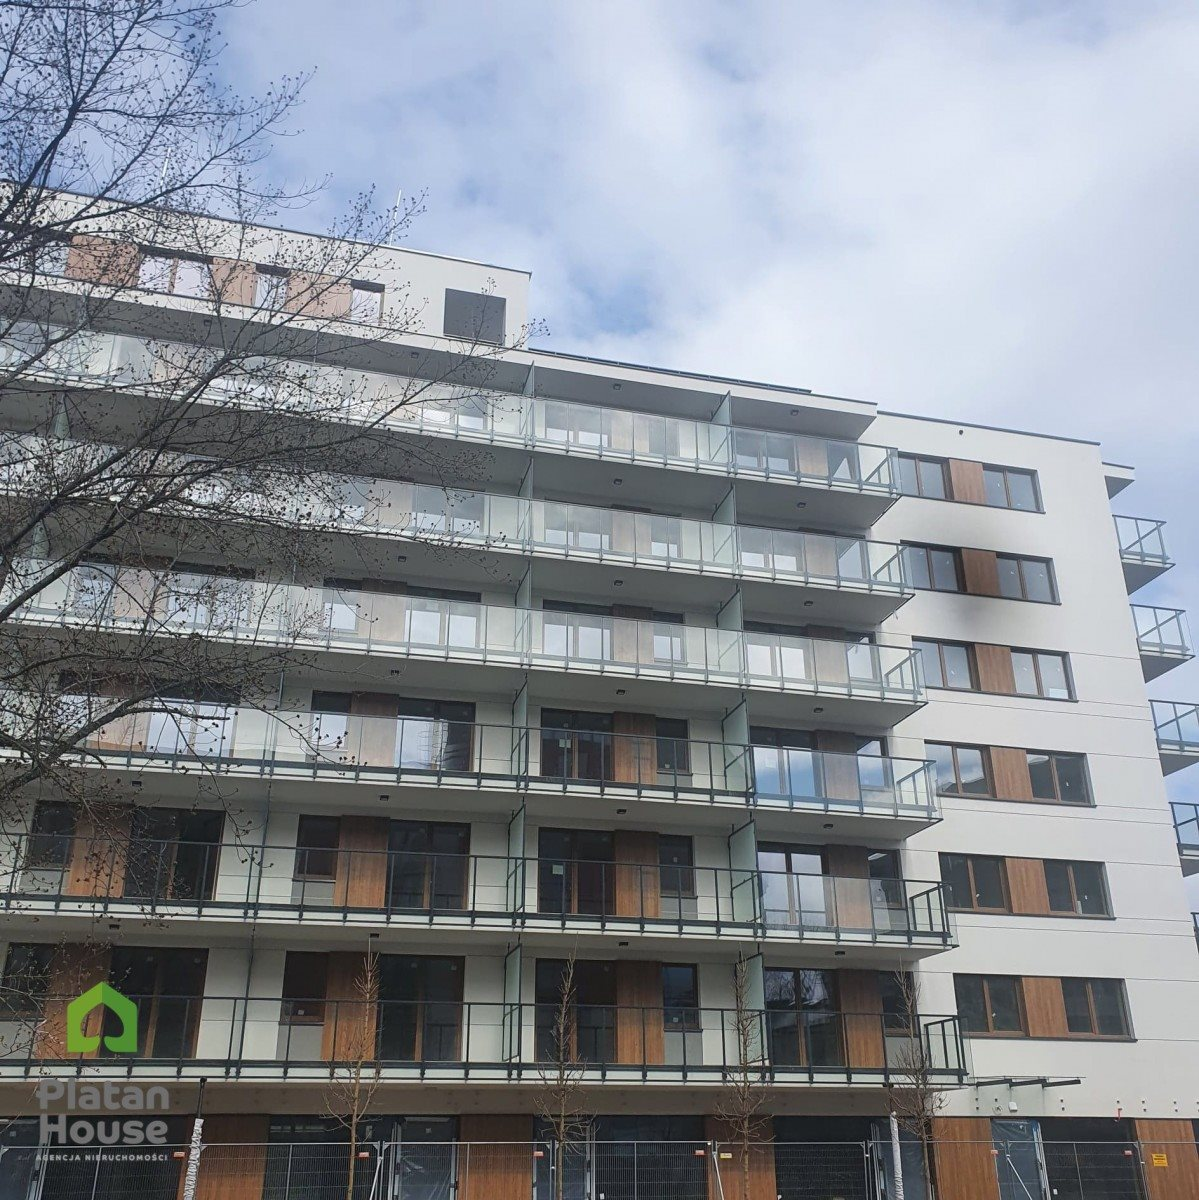 Mieszkanie dwupokojowe na sprzedaż Warszawa, Praga-Południe Kamionek, Mińska  28m2 Foto 1